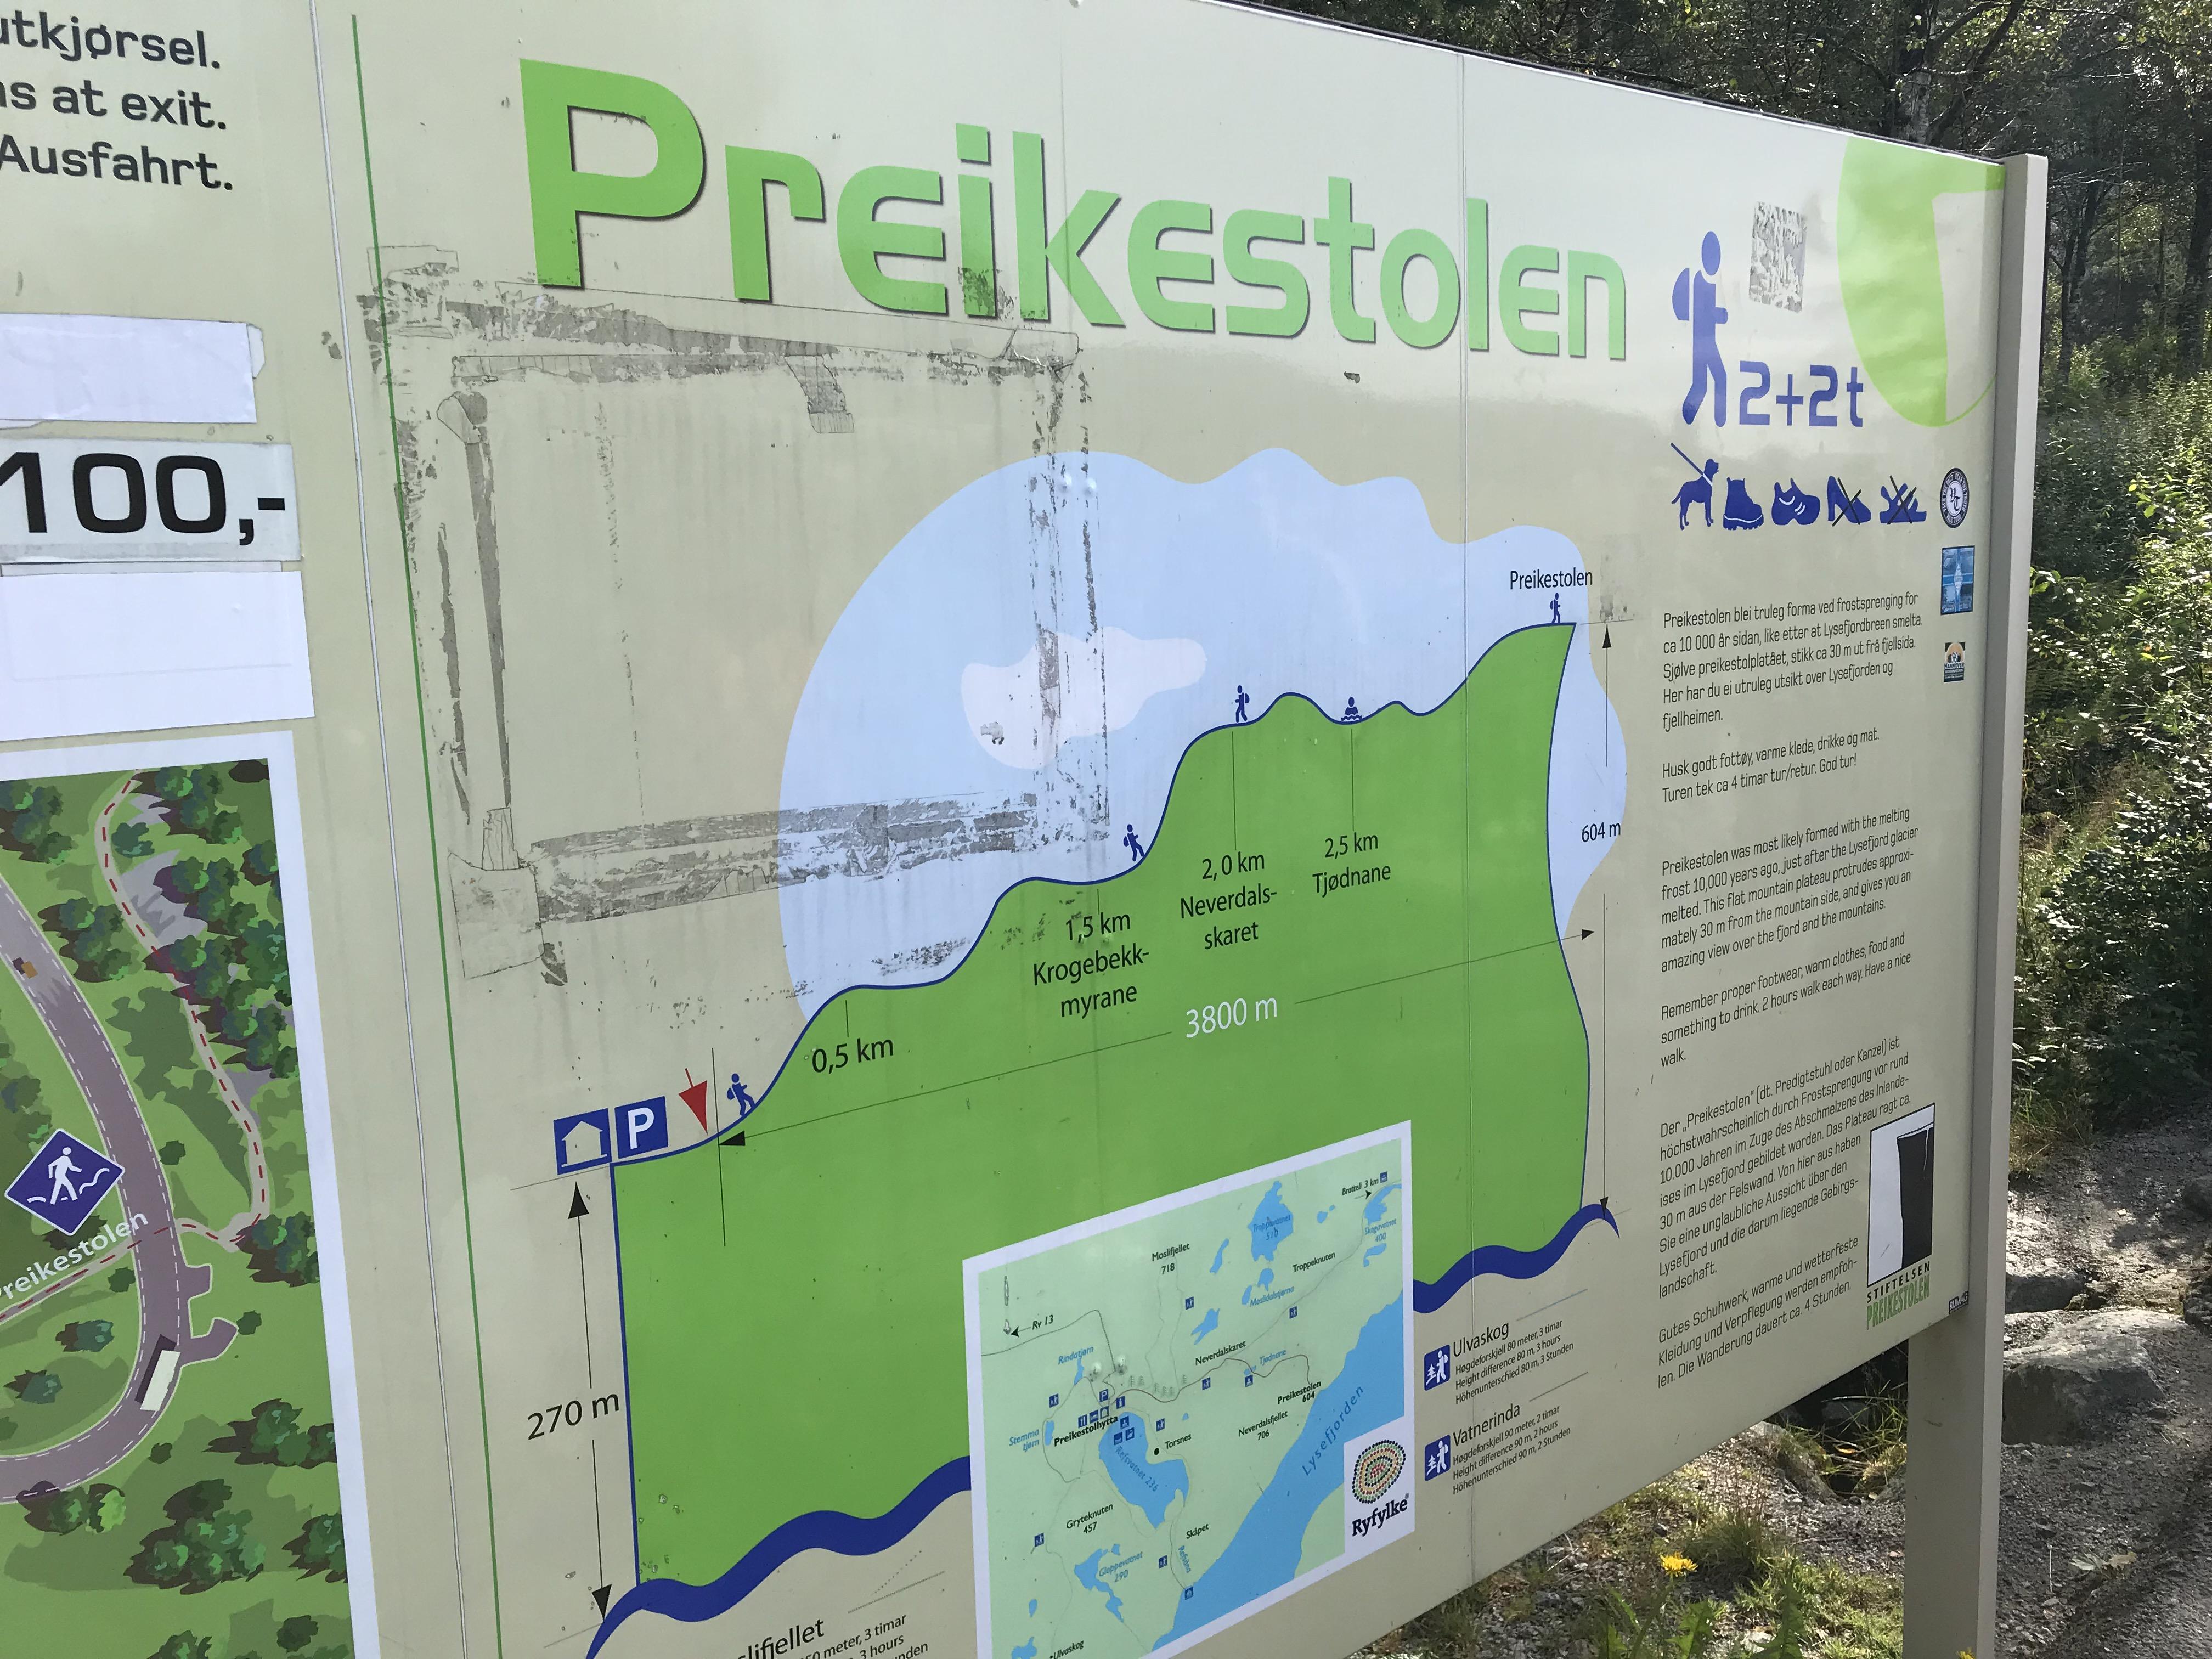 スタバンゲルからプレーケストーレン